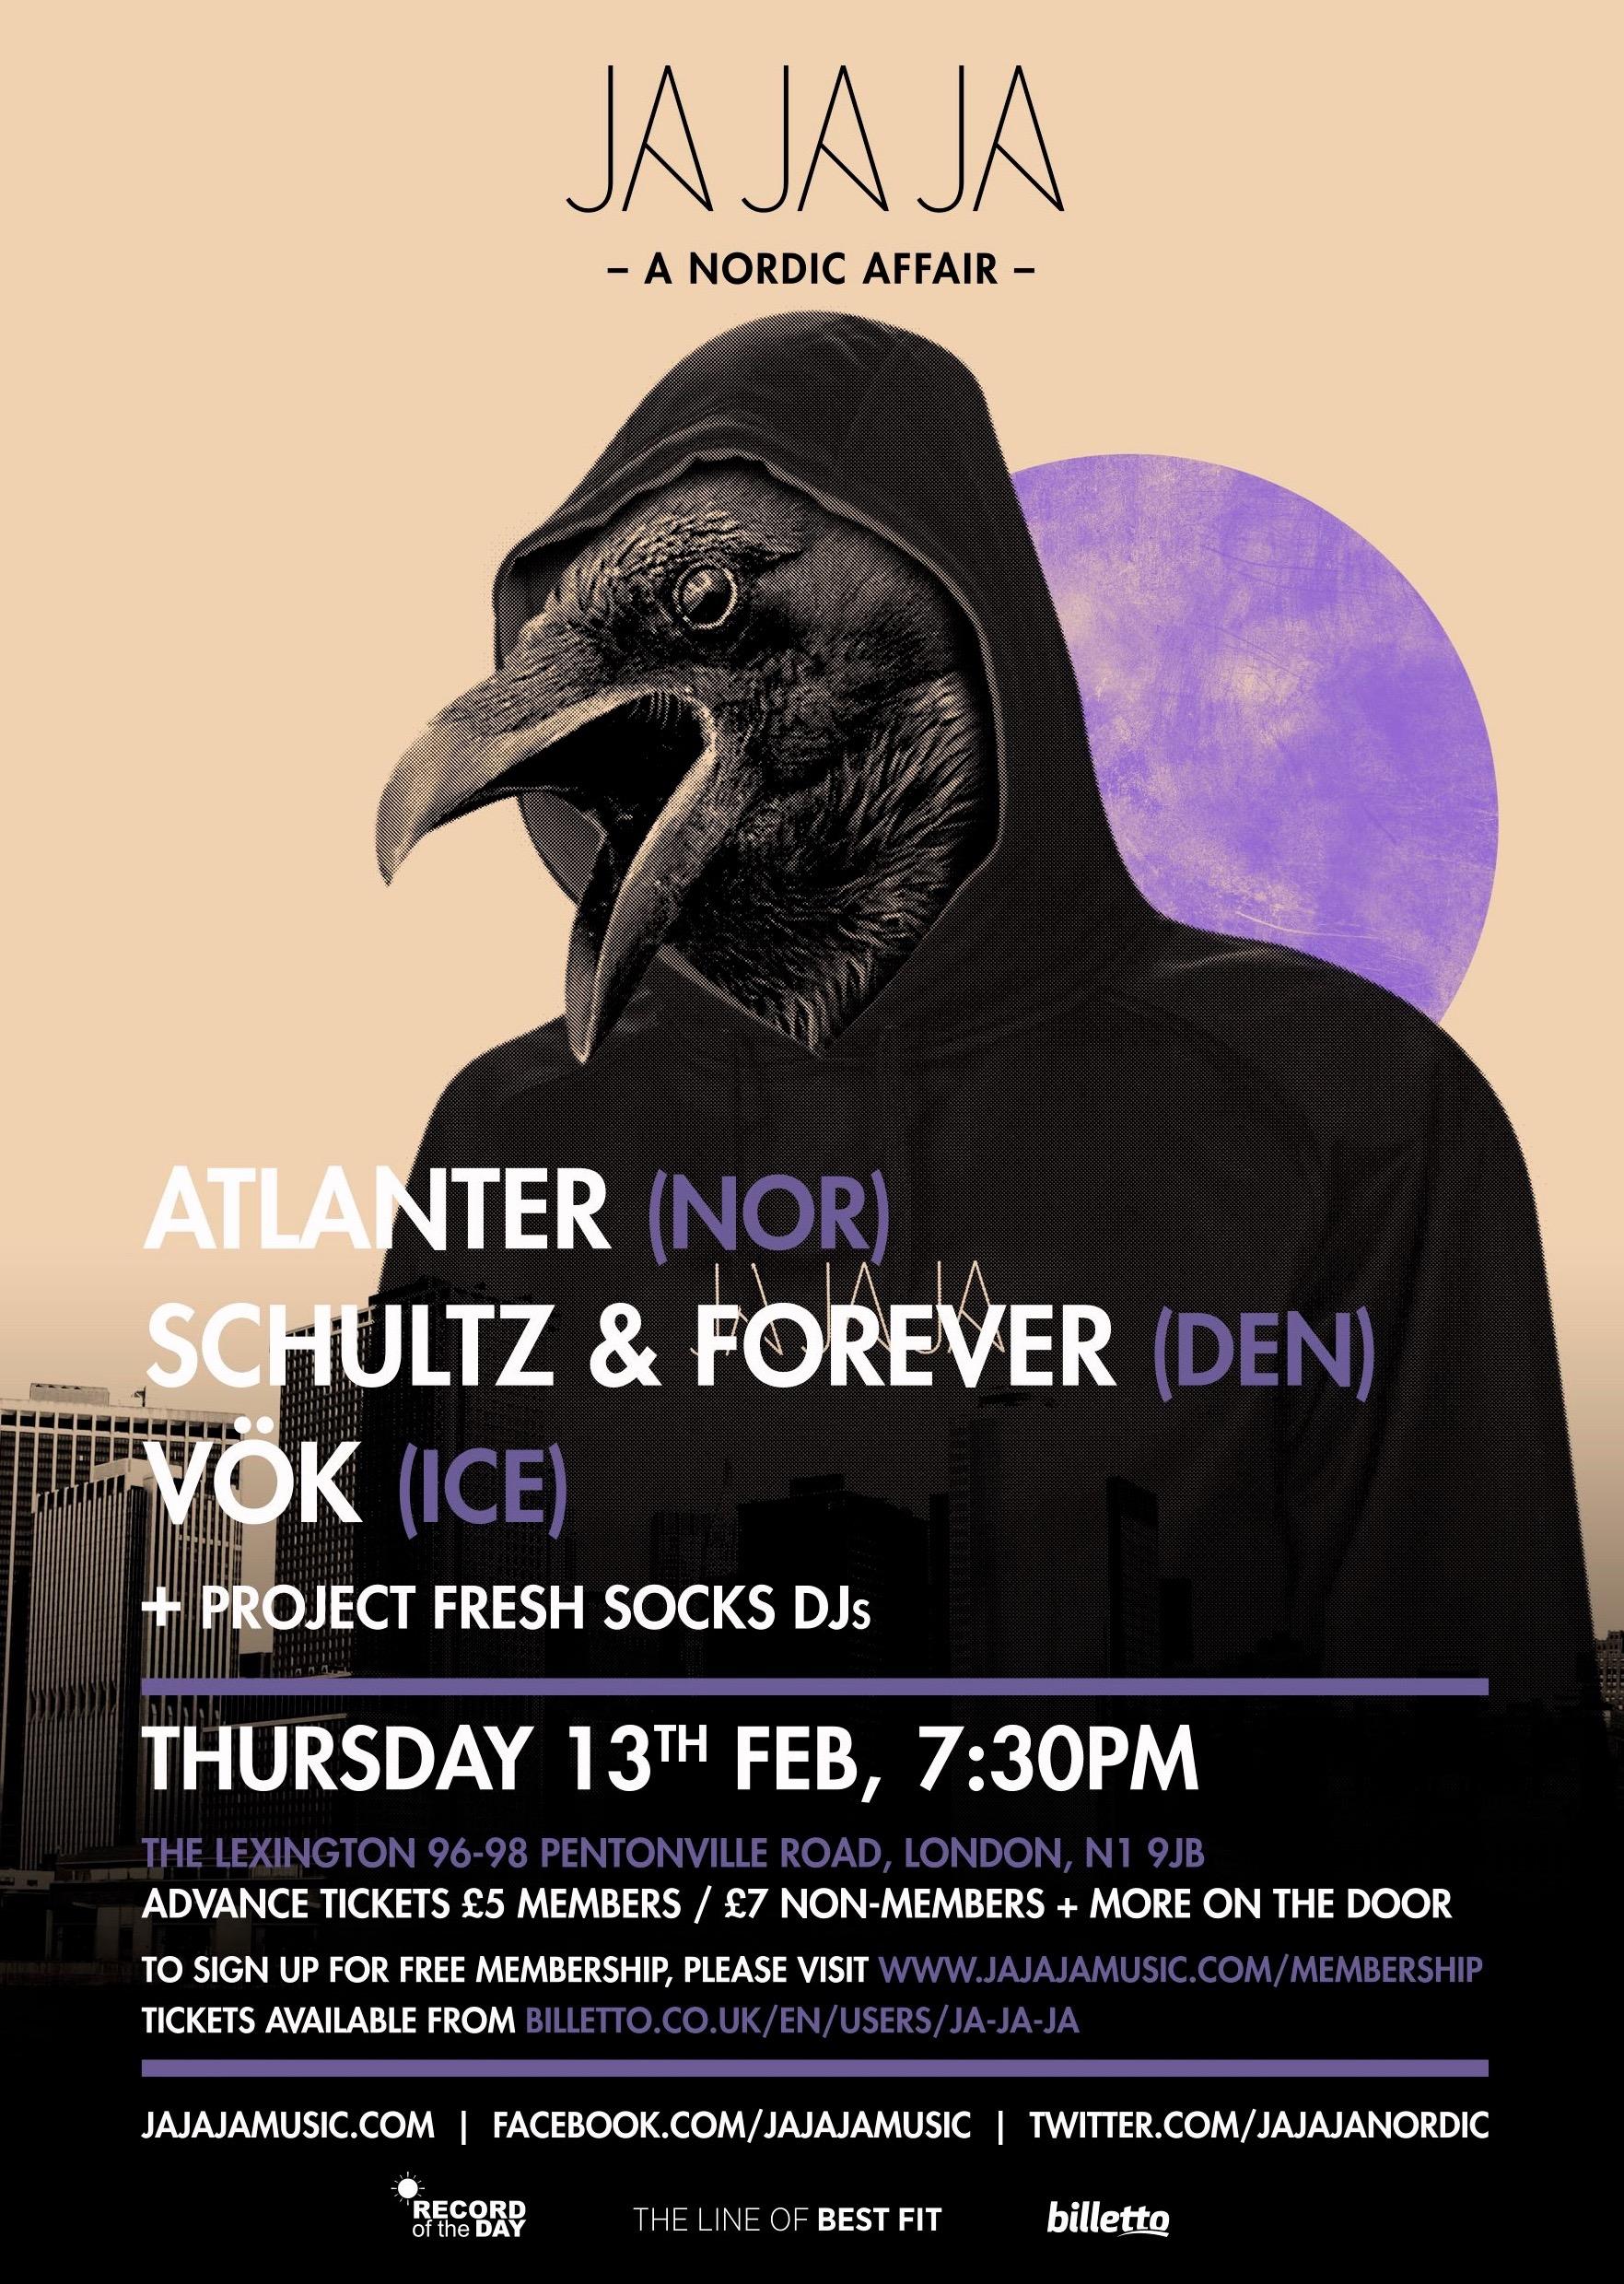 February 2014 – Atlanter, Schultz & Forever and Vök